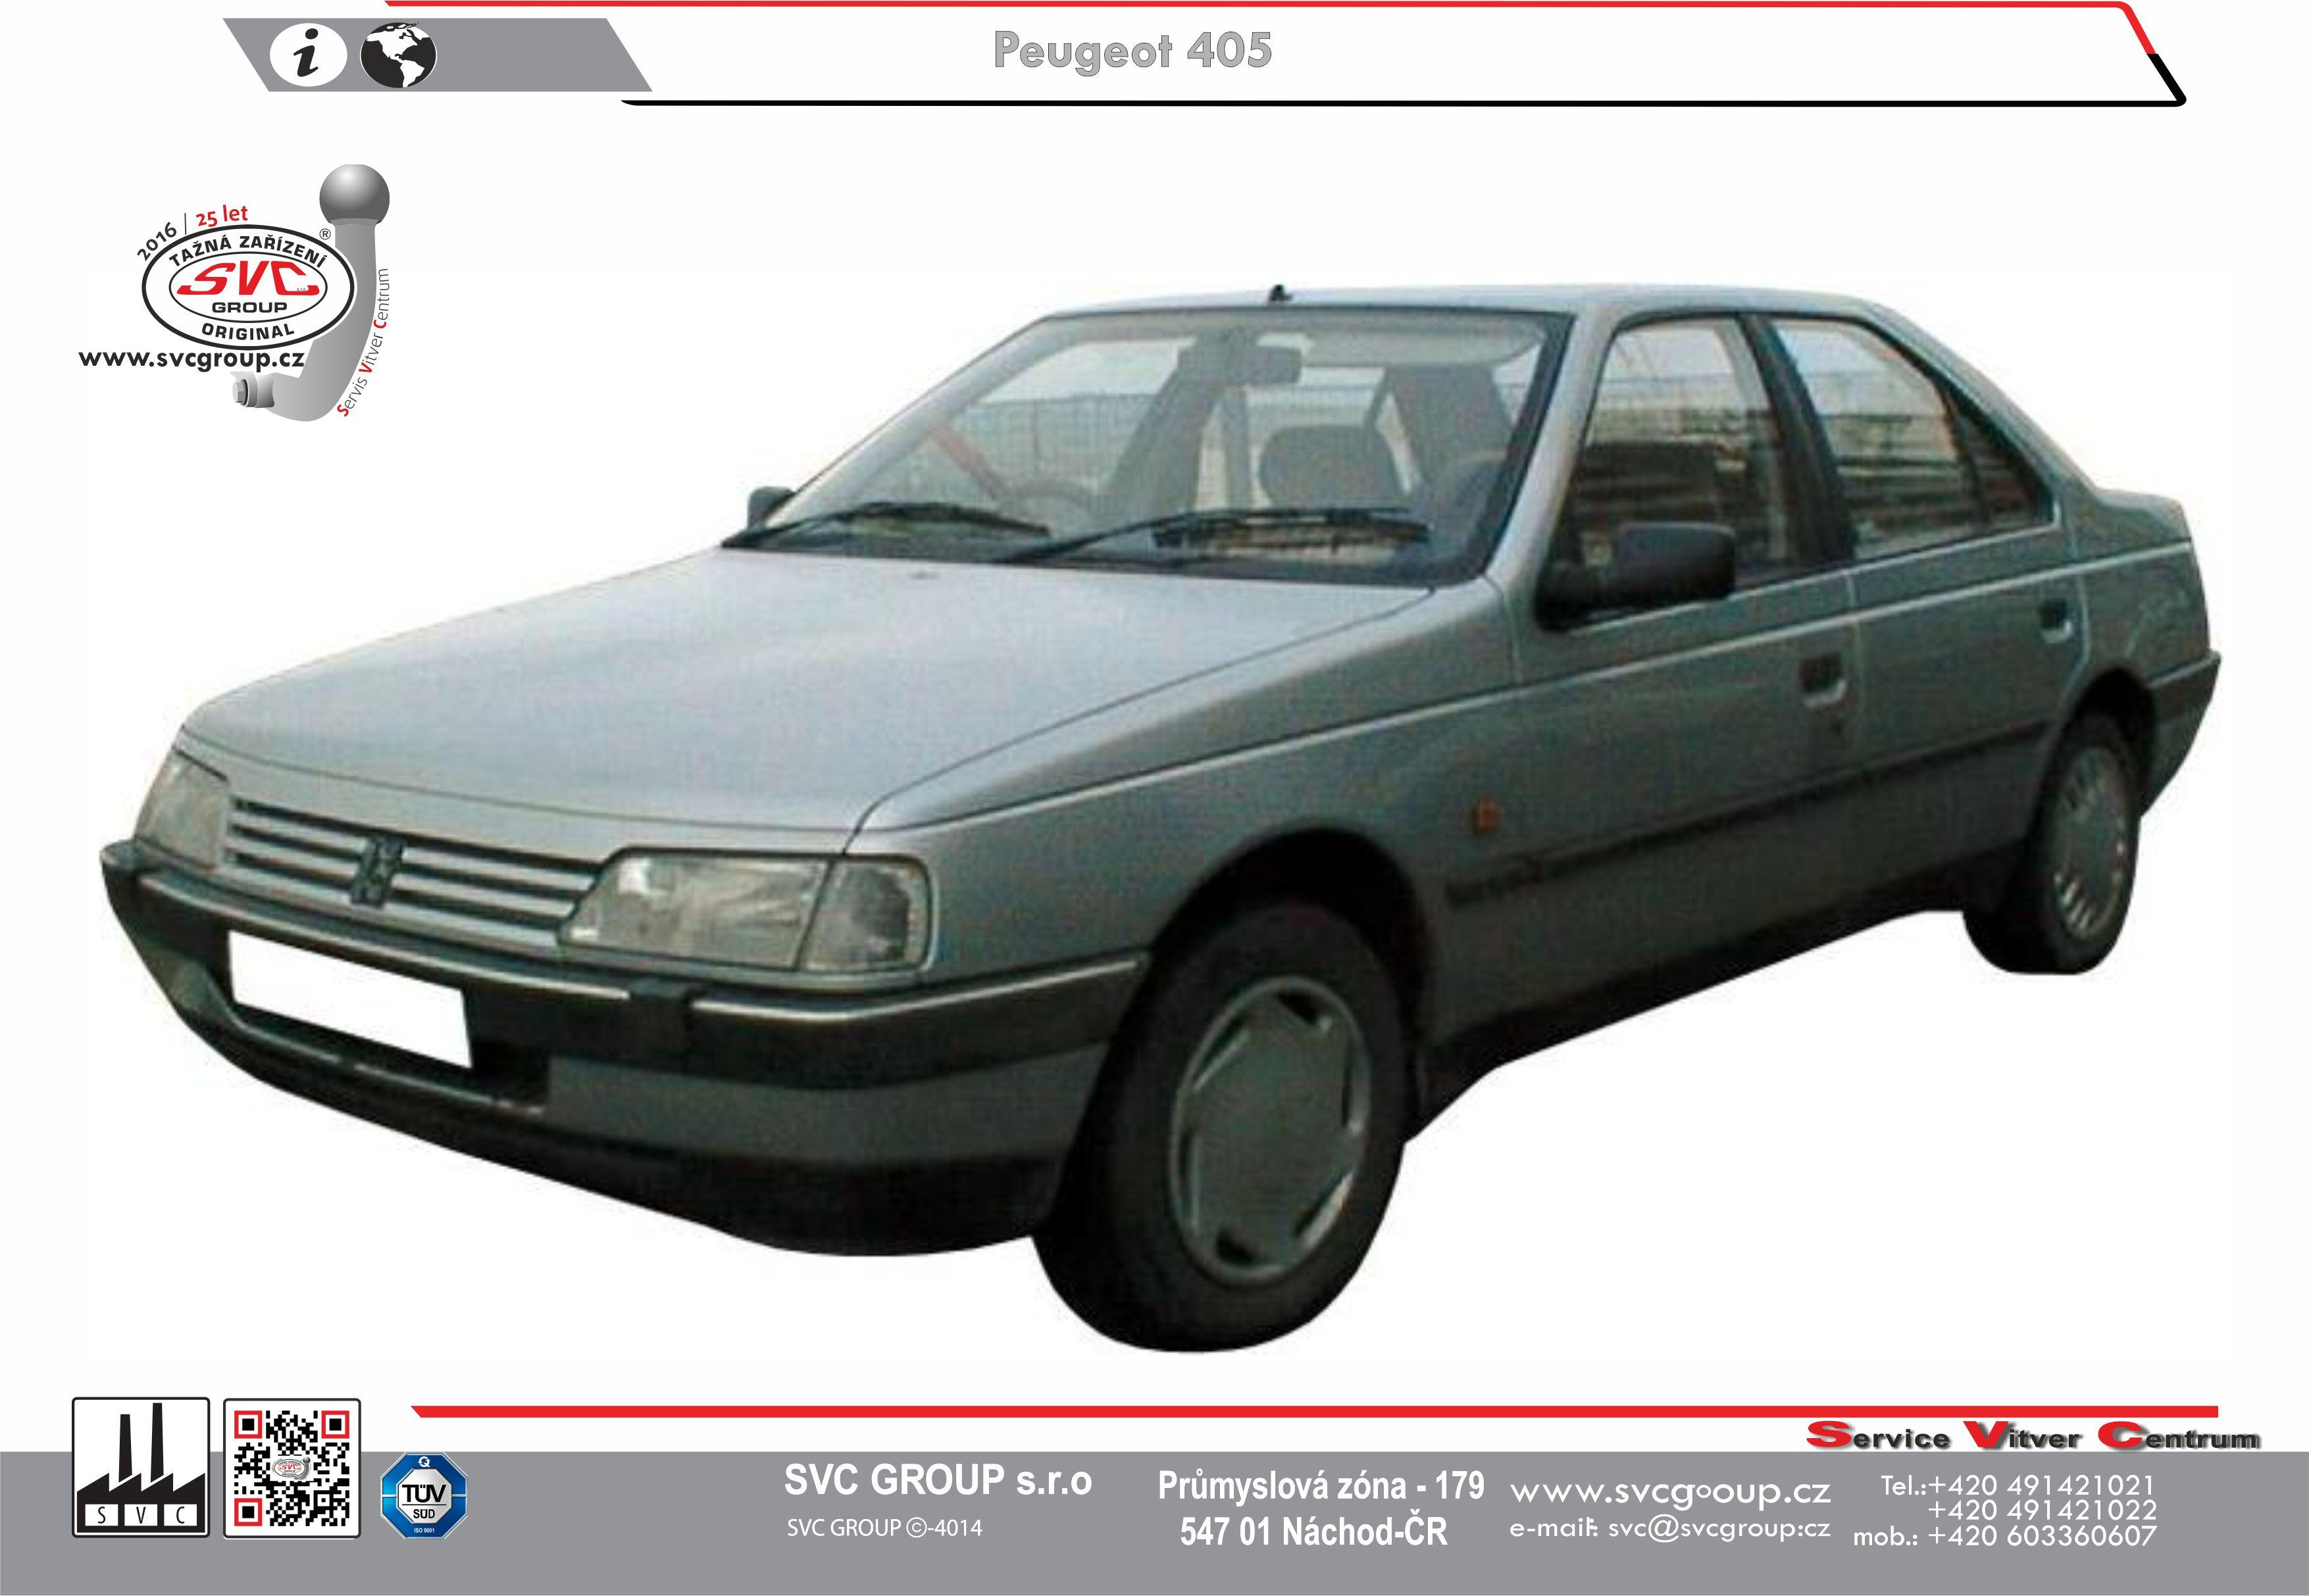 Peugeot 405 Sedan